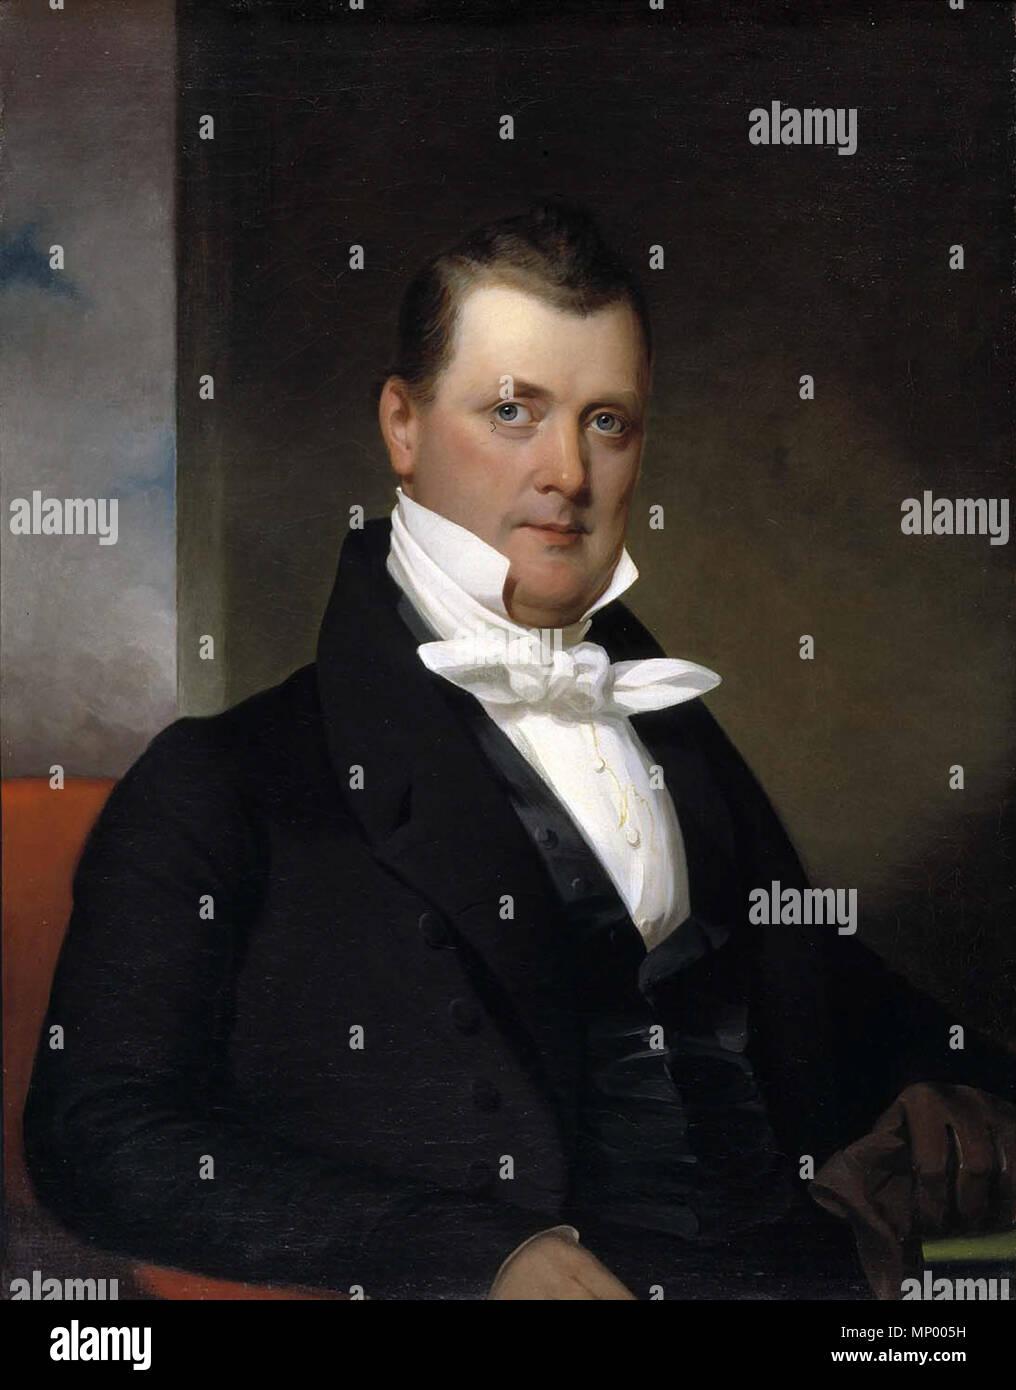 . Inglese: Ritratto di James Buchanan dipinta da J. Eichholtz nel 1834. Olio su tela 36 1/8 x 28 1/4 in. (91,7 x 71,8 cm) presso lo Smithsonian American Art Museum. . 1834. 692 James Buchanan dipinta da J. Eichholtz Immagini Stock